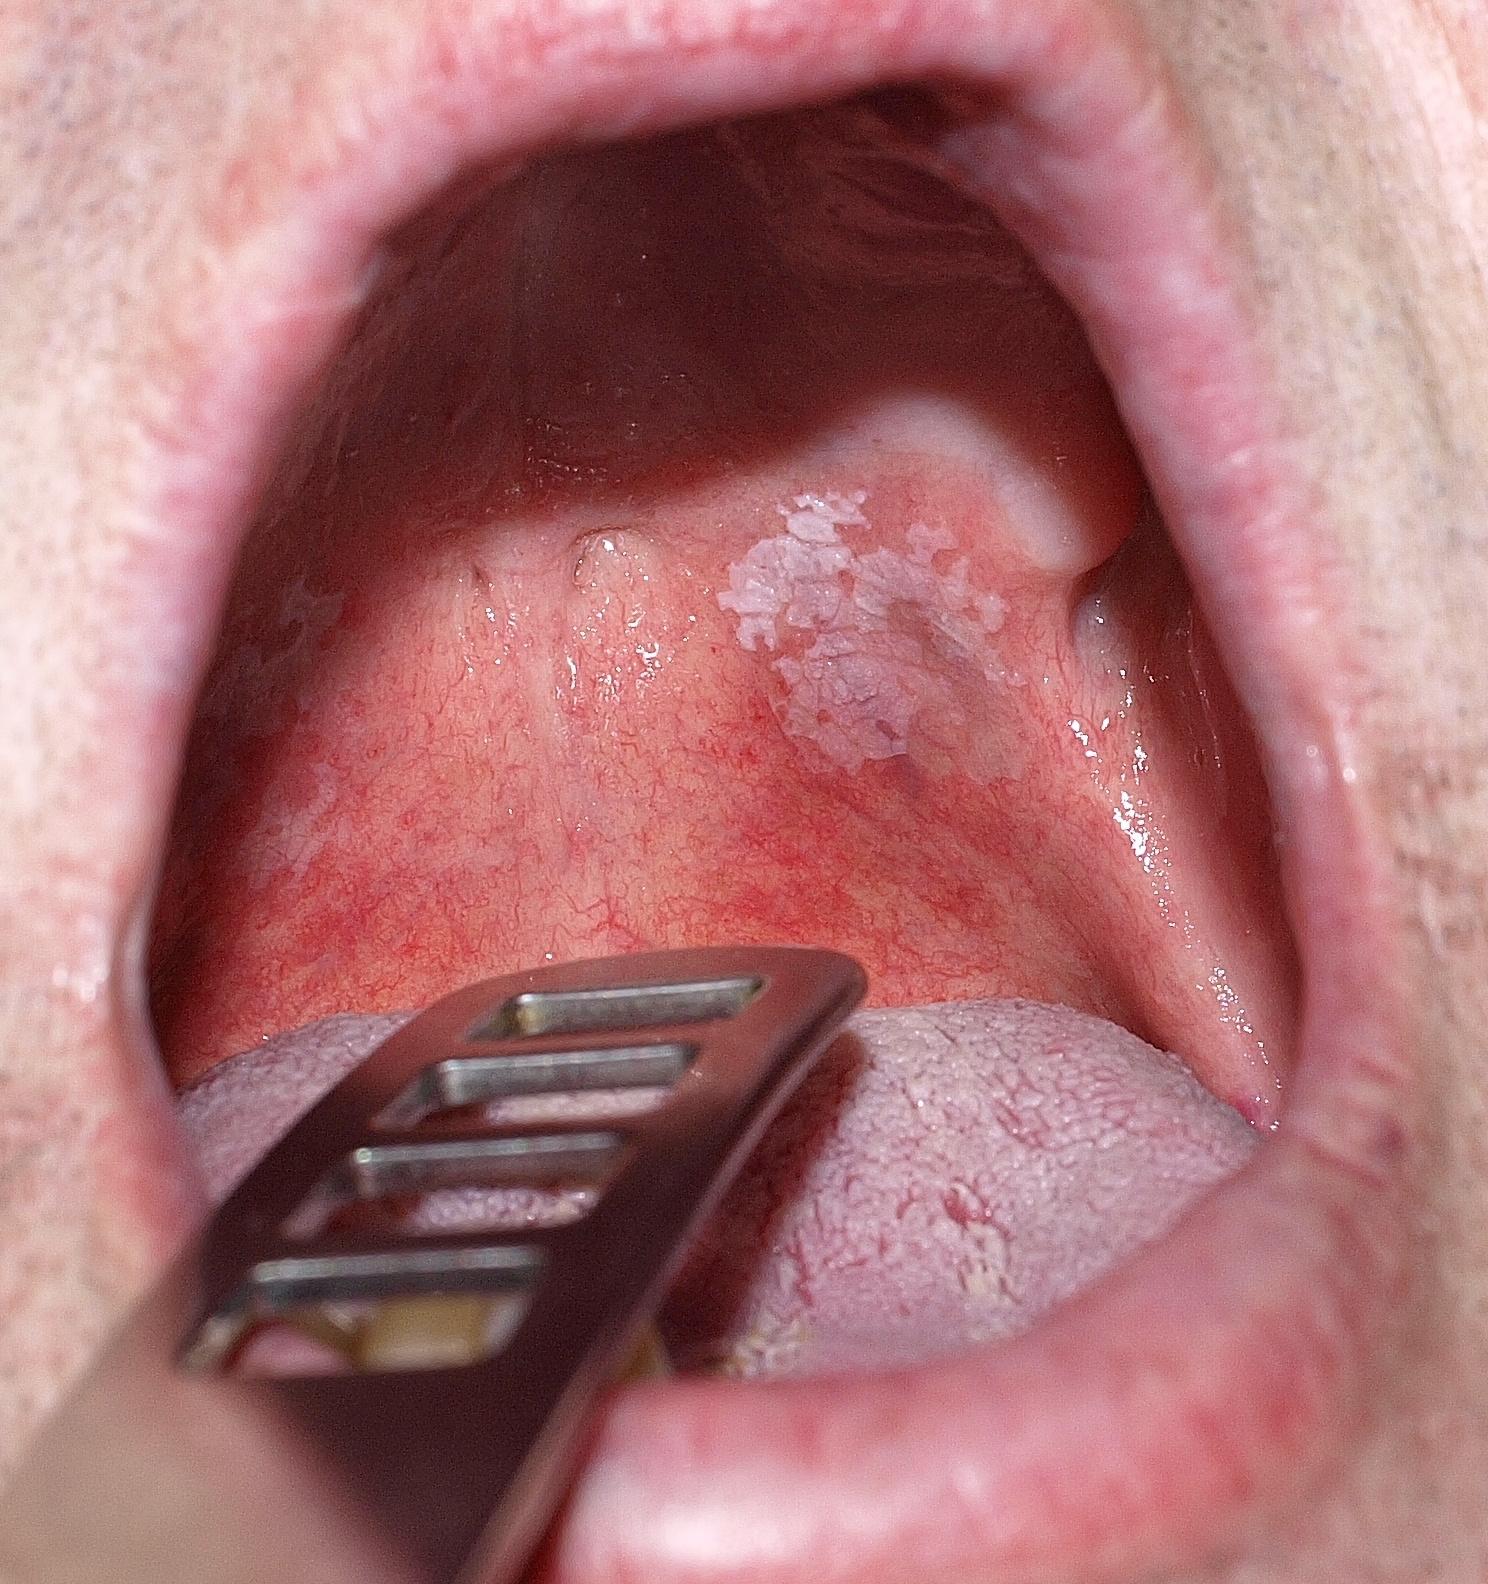 acetonszag jelei a szájból)